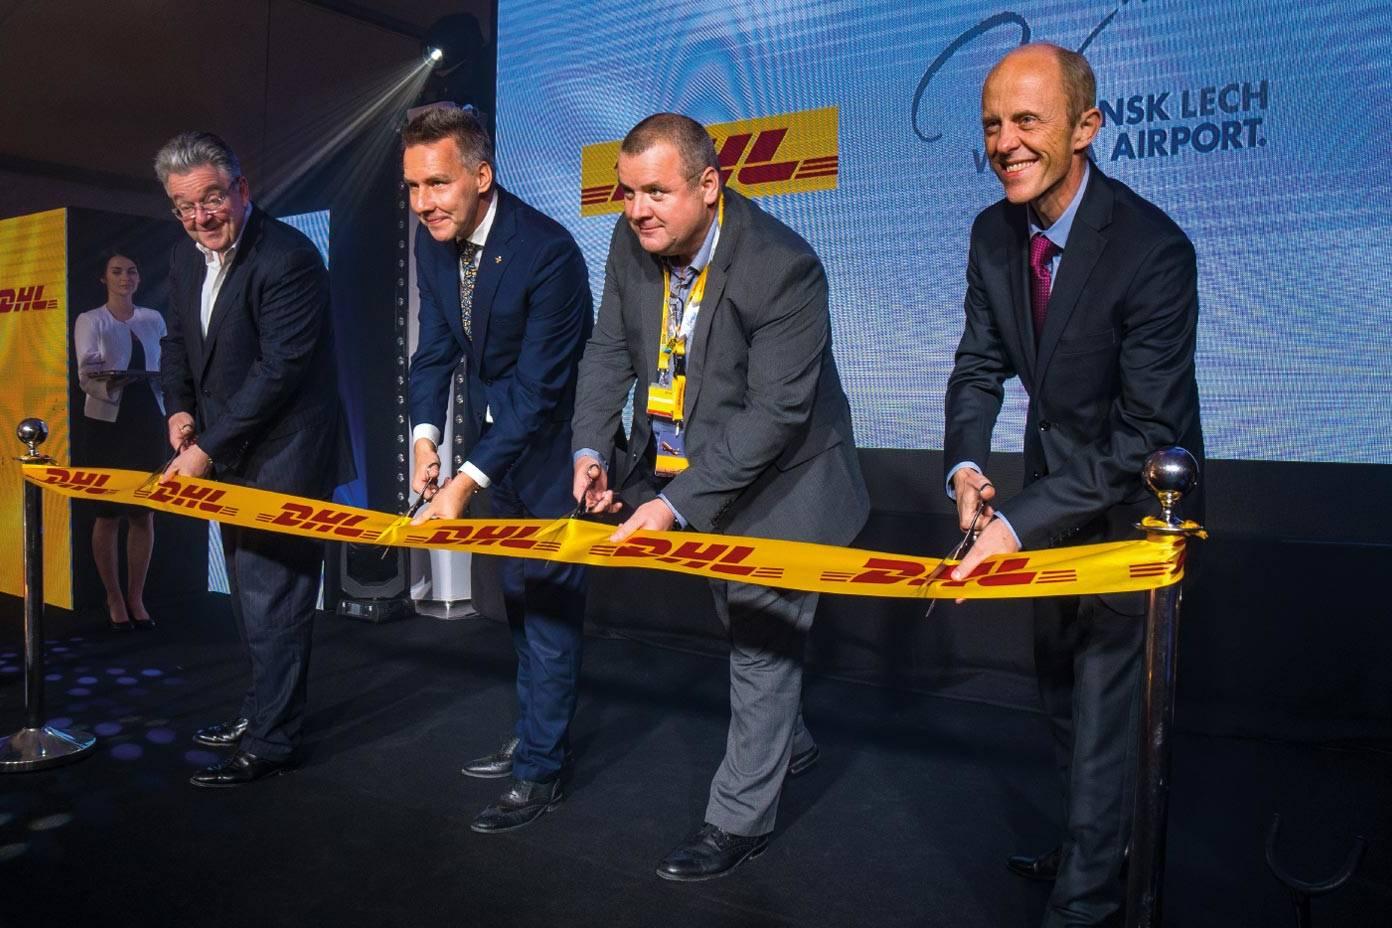 przecinanei wstęgi na uroczystośc wyodrębnienia marki  DHL Express